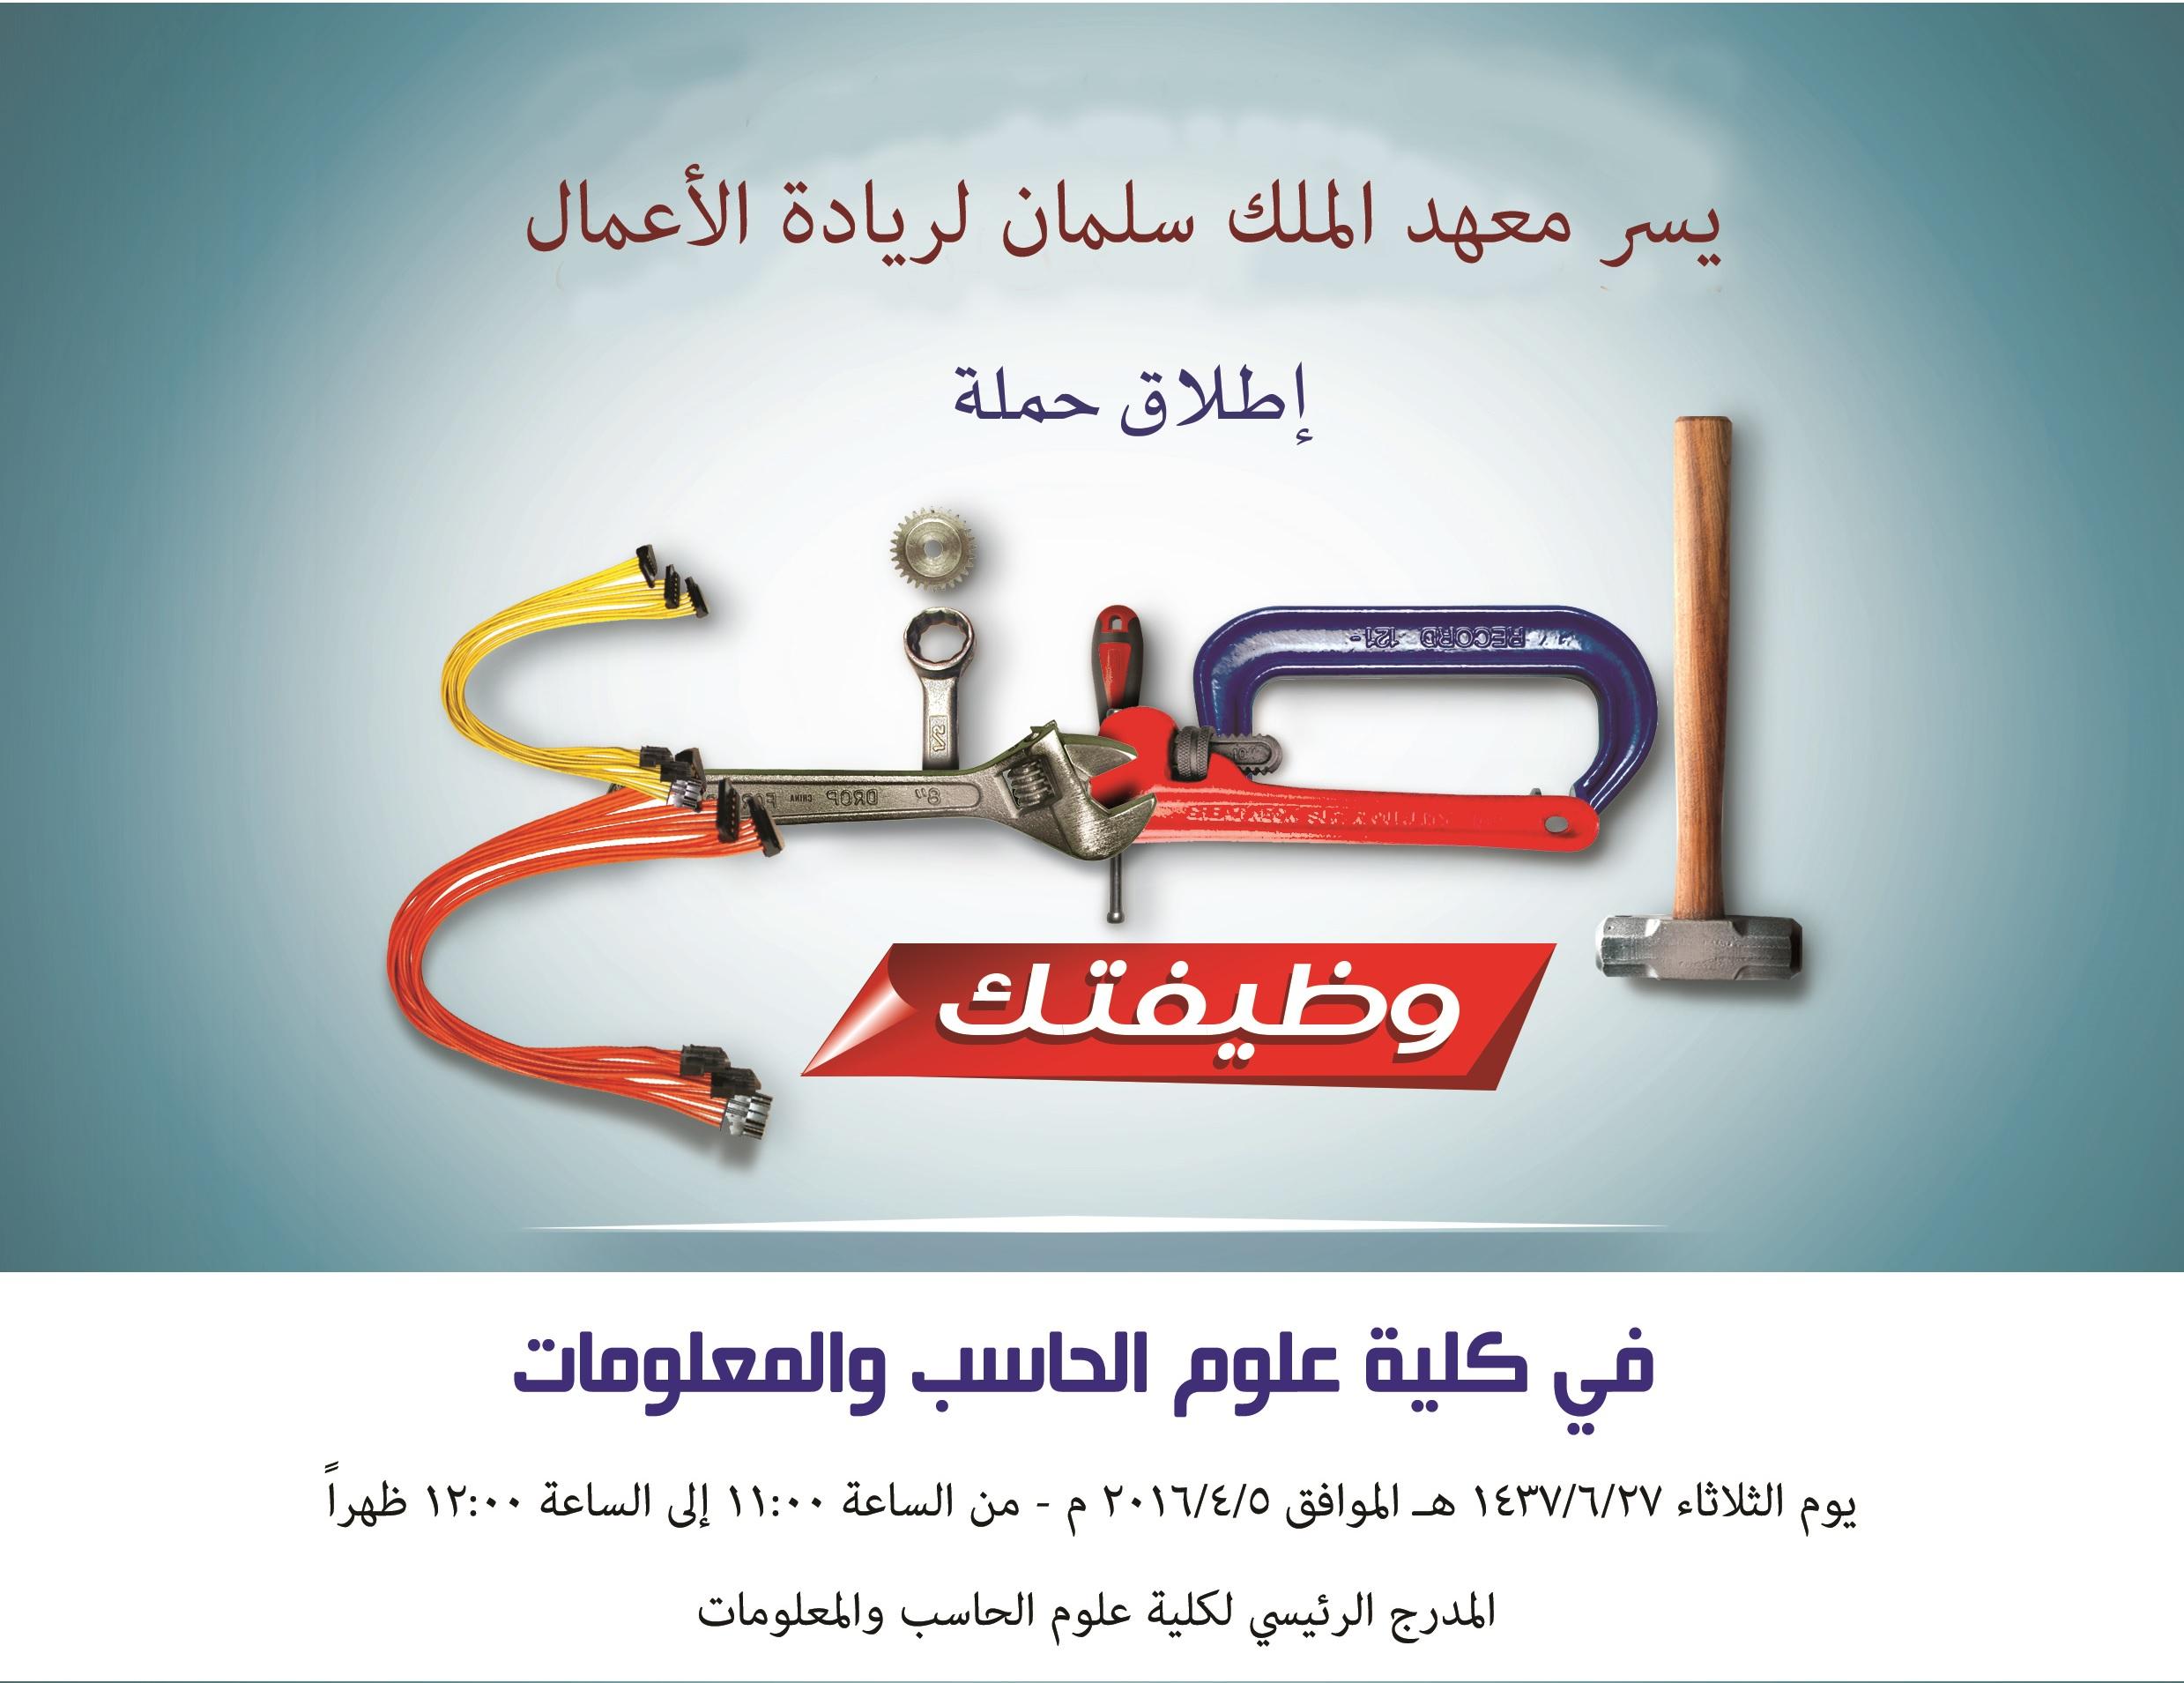 حملة إصنع وظيفتك في كلية علوم الحاسب والمعلومات - تقديم د. إسماعيل باطا :: مستشار ريادة الأعمال